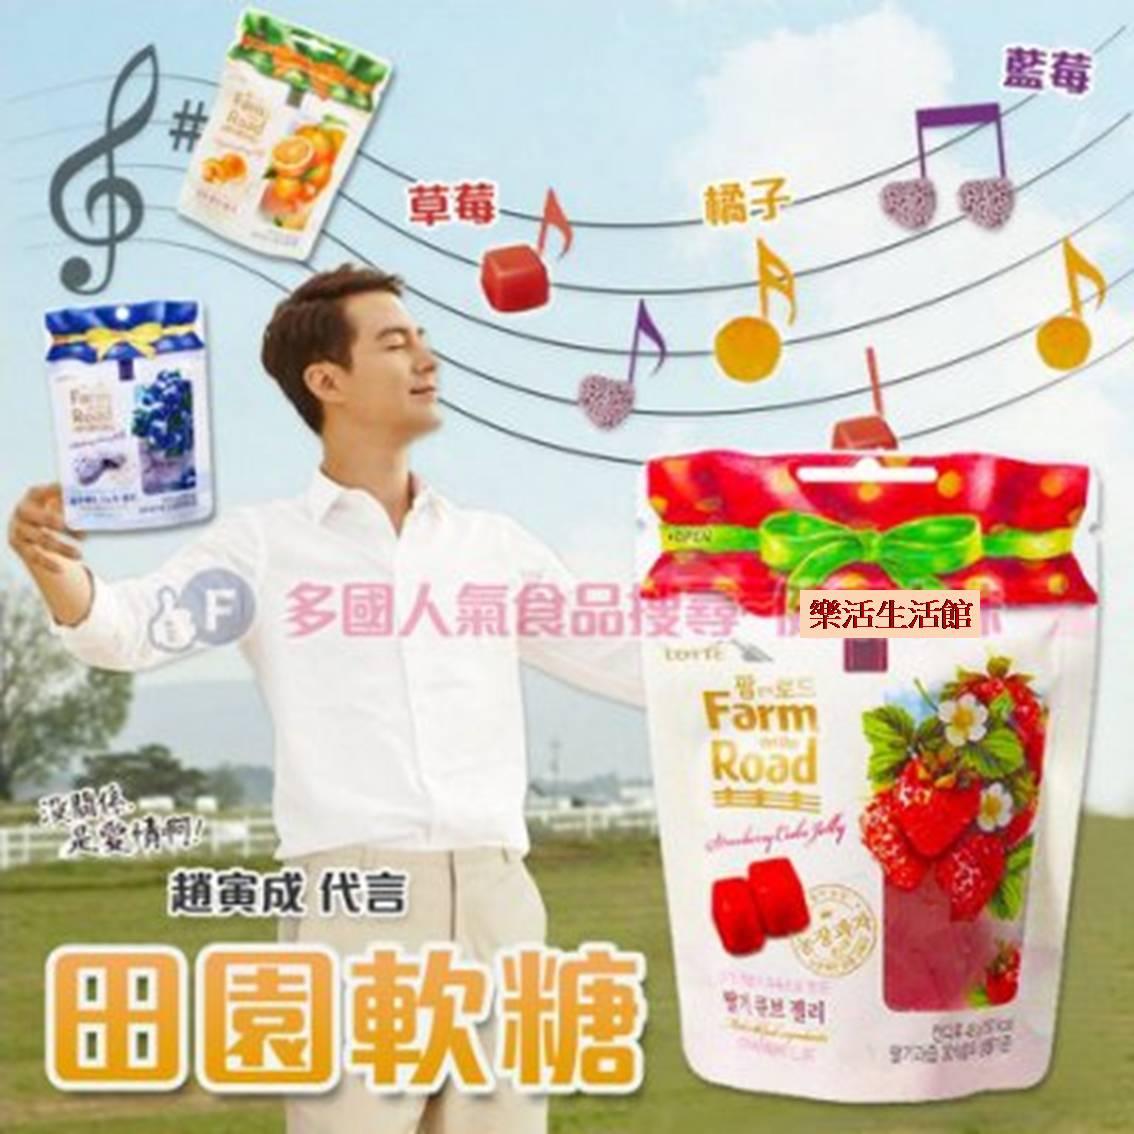 韓國 樂天Farm on the road田園軟糖 水果軟糖  草莓【樂活生活館】